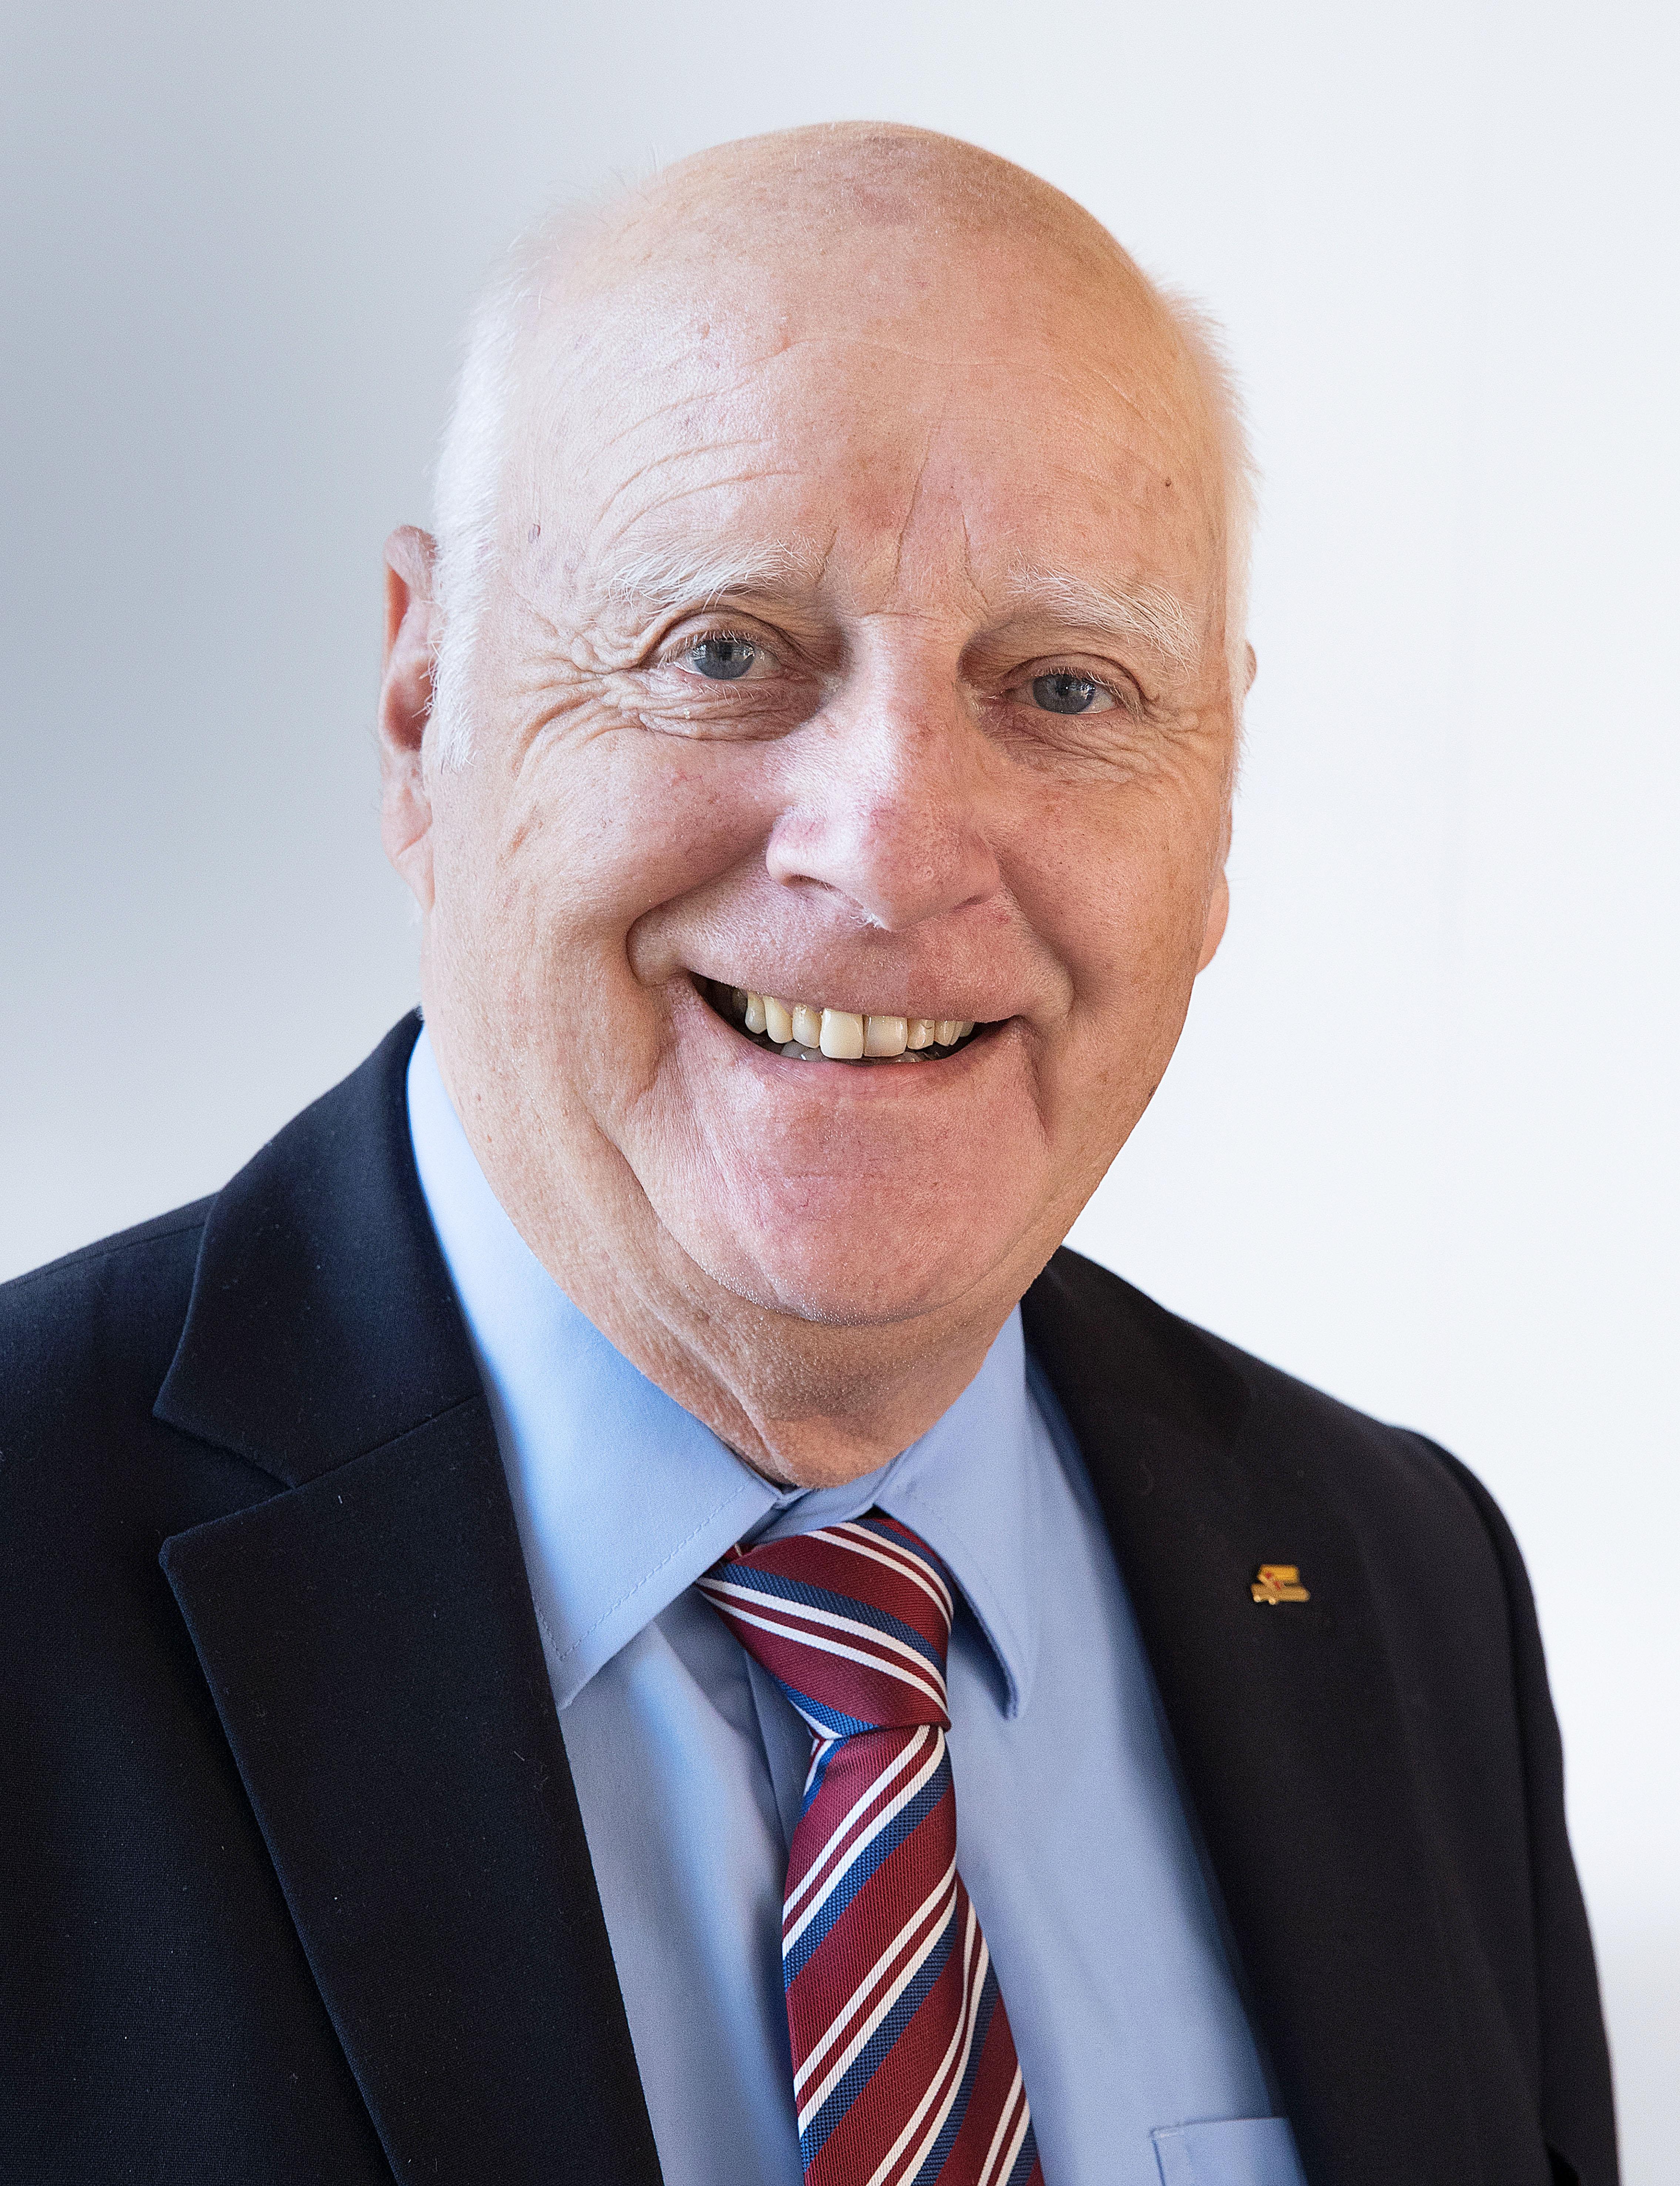 PaulMüller, Div aD